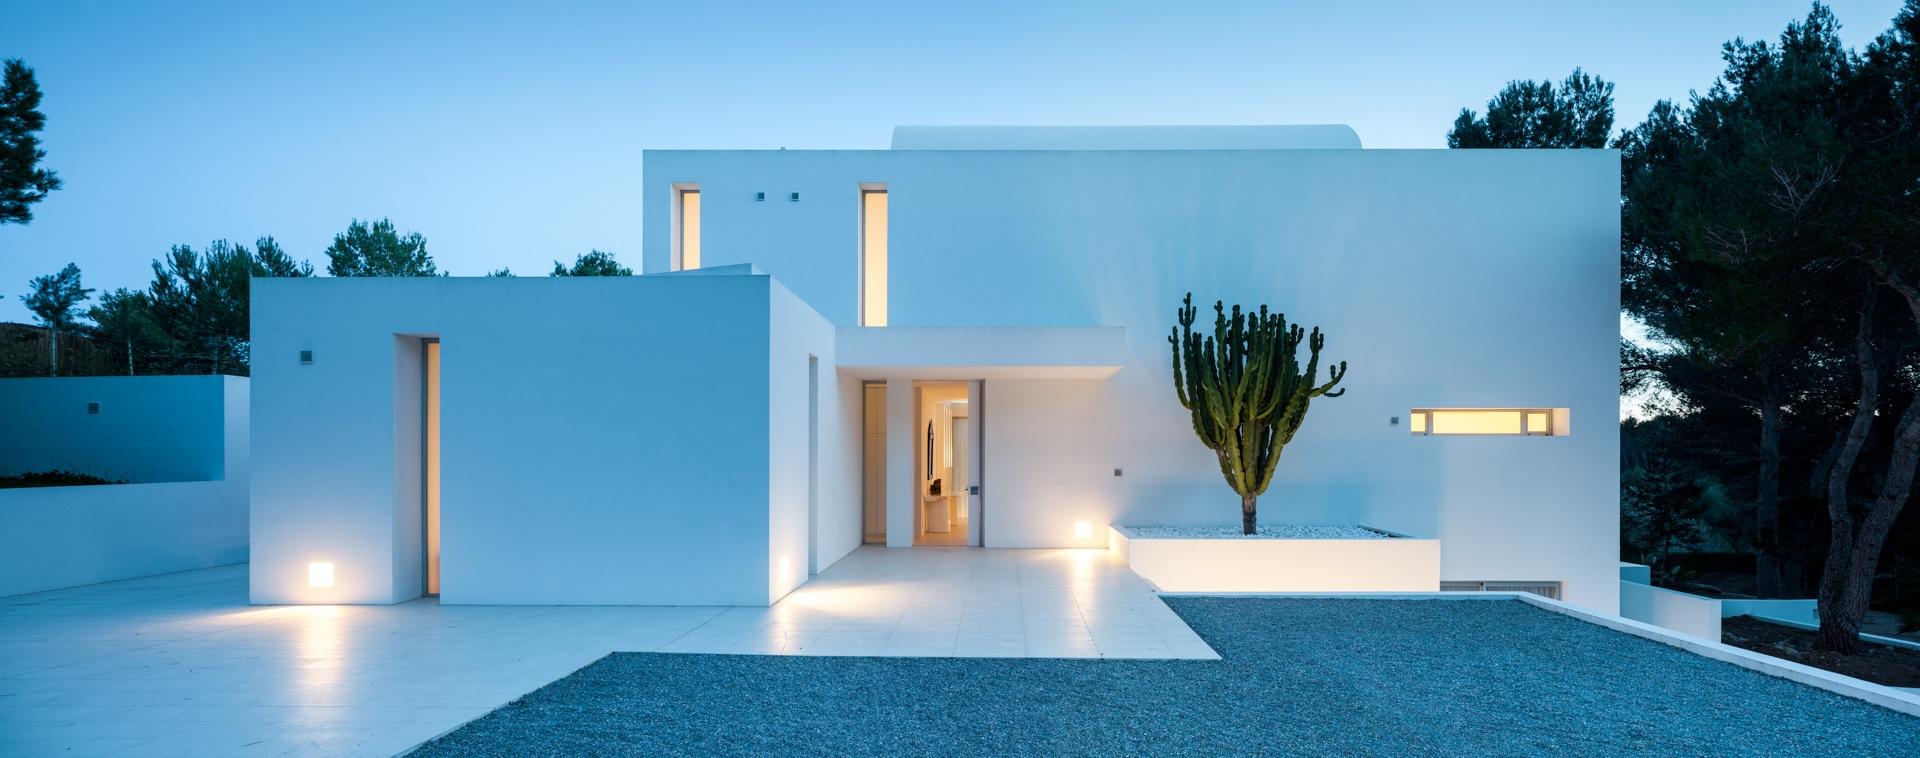 Ca Lina, casa de vacaciones en el corazon de Ibiza - Ibiza Style